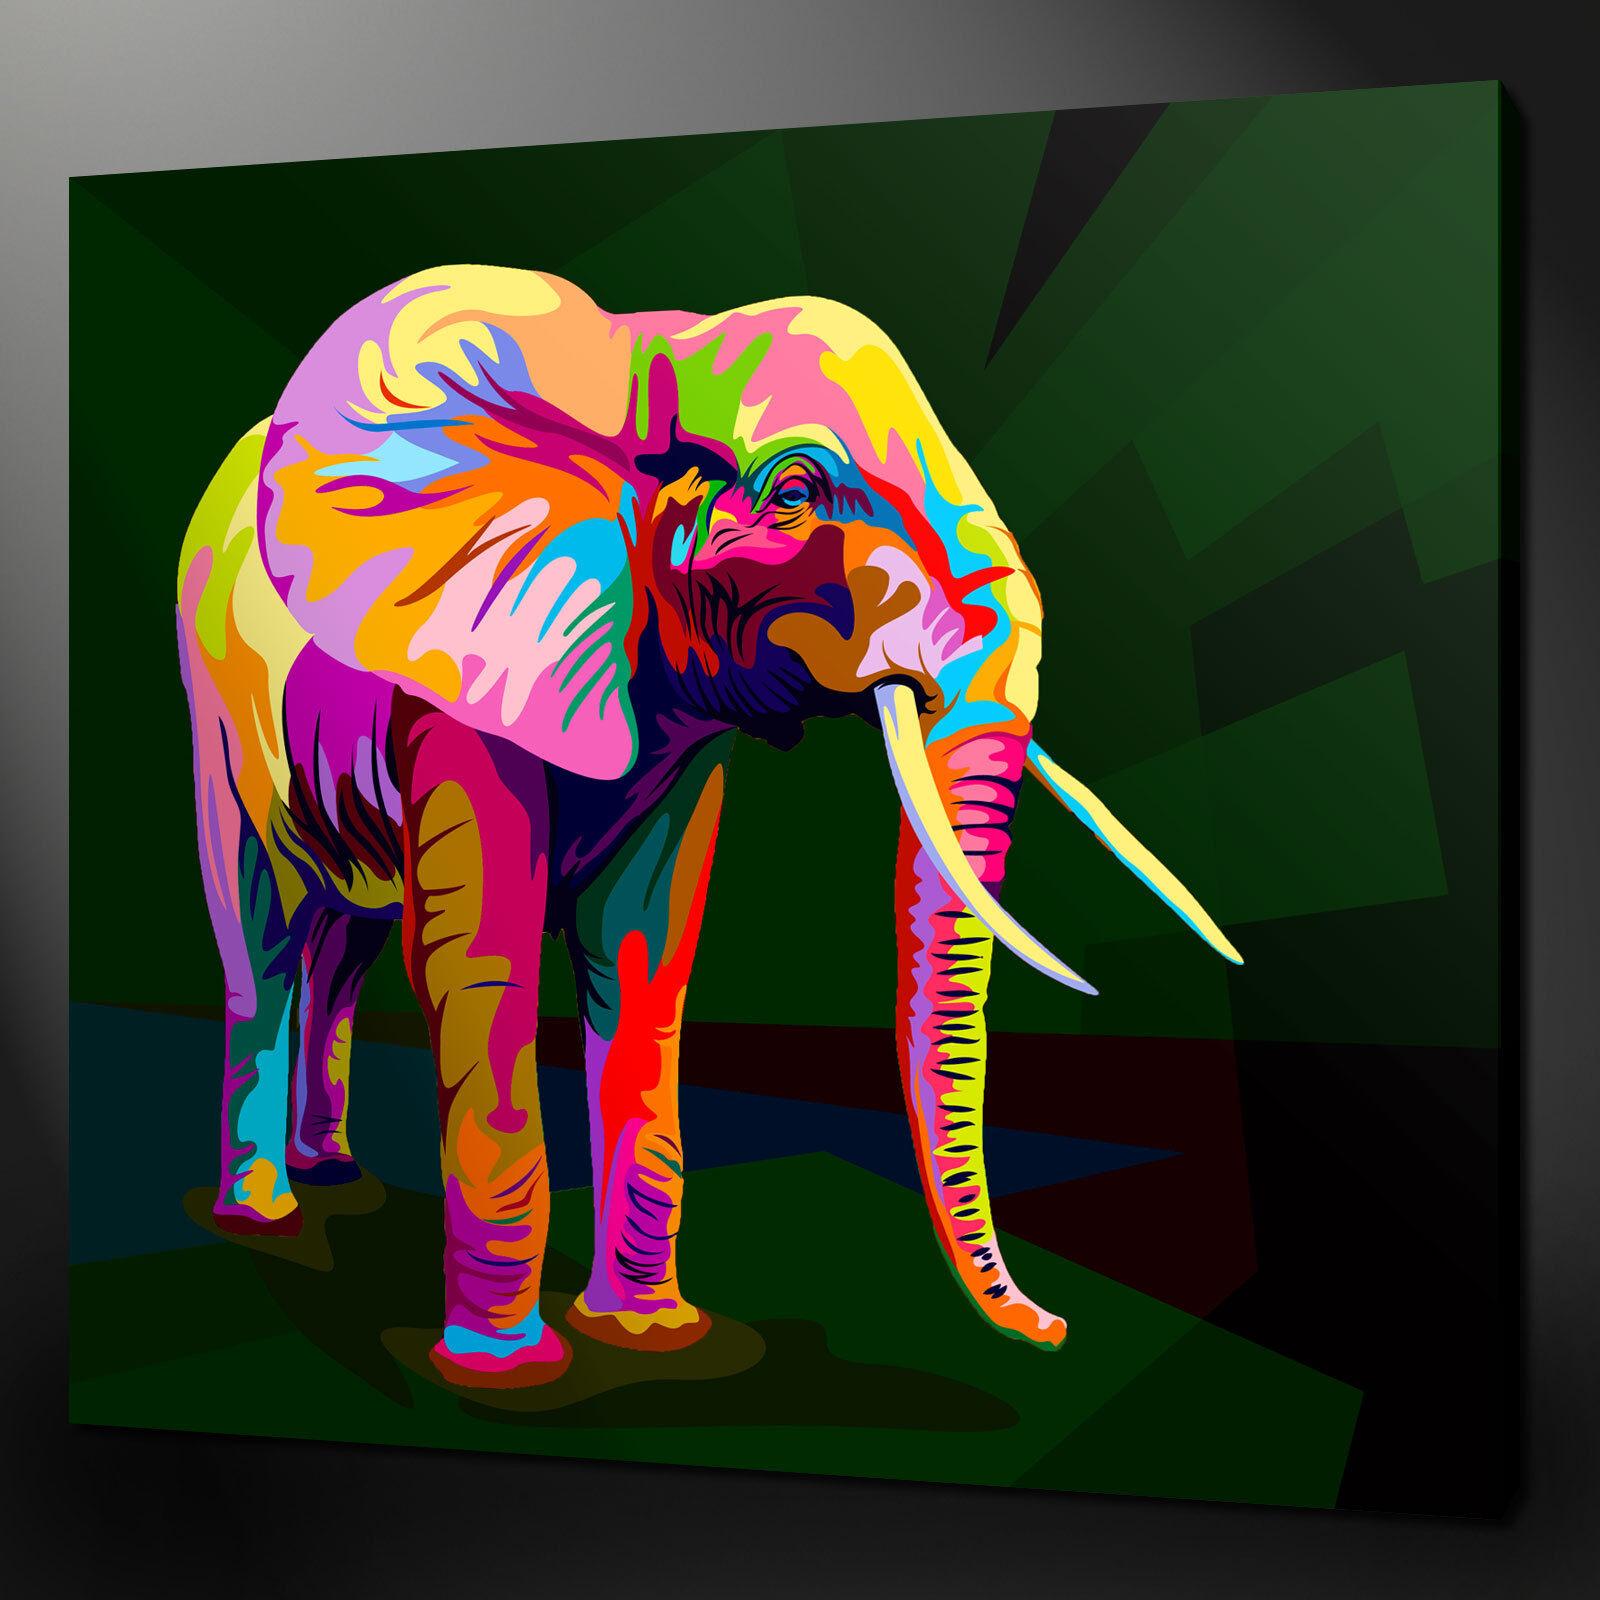 Éléphant Toile Impression Photo Wall Art Abstrait Home Decor Gratuit Livraison Rapide